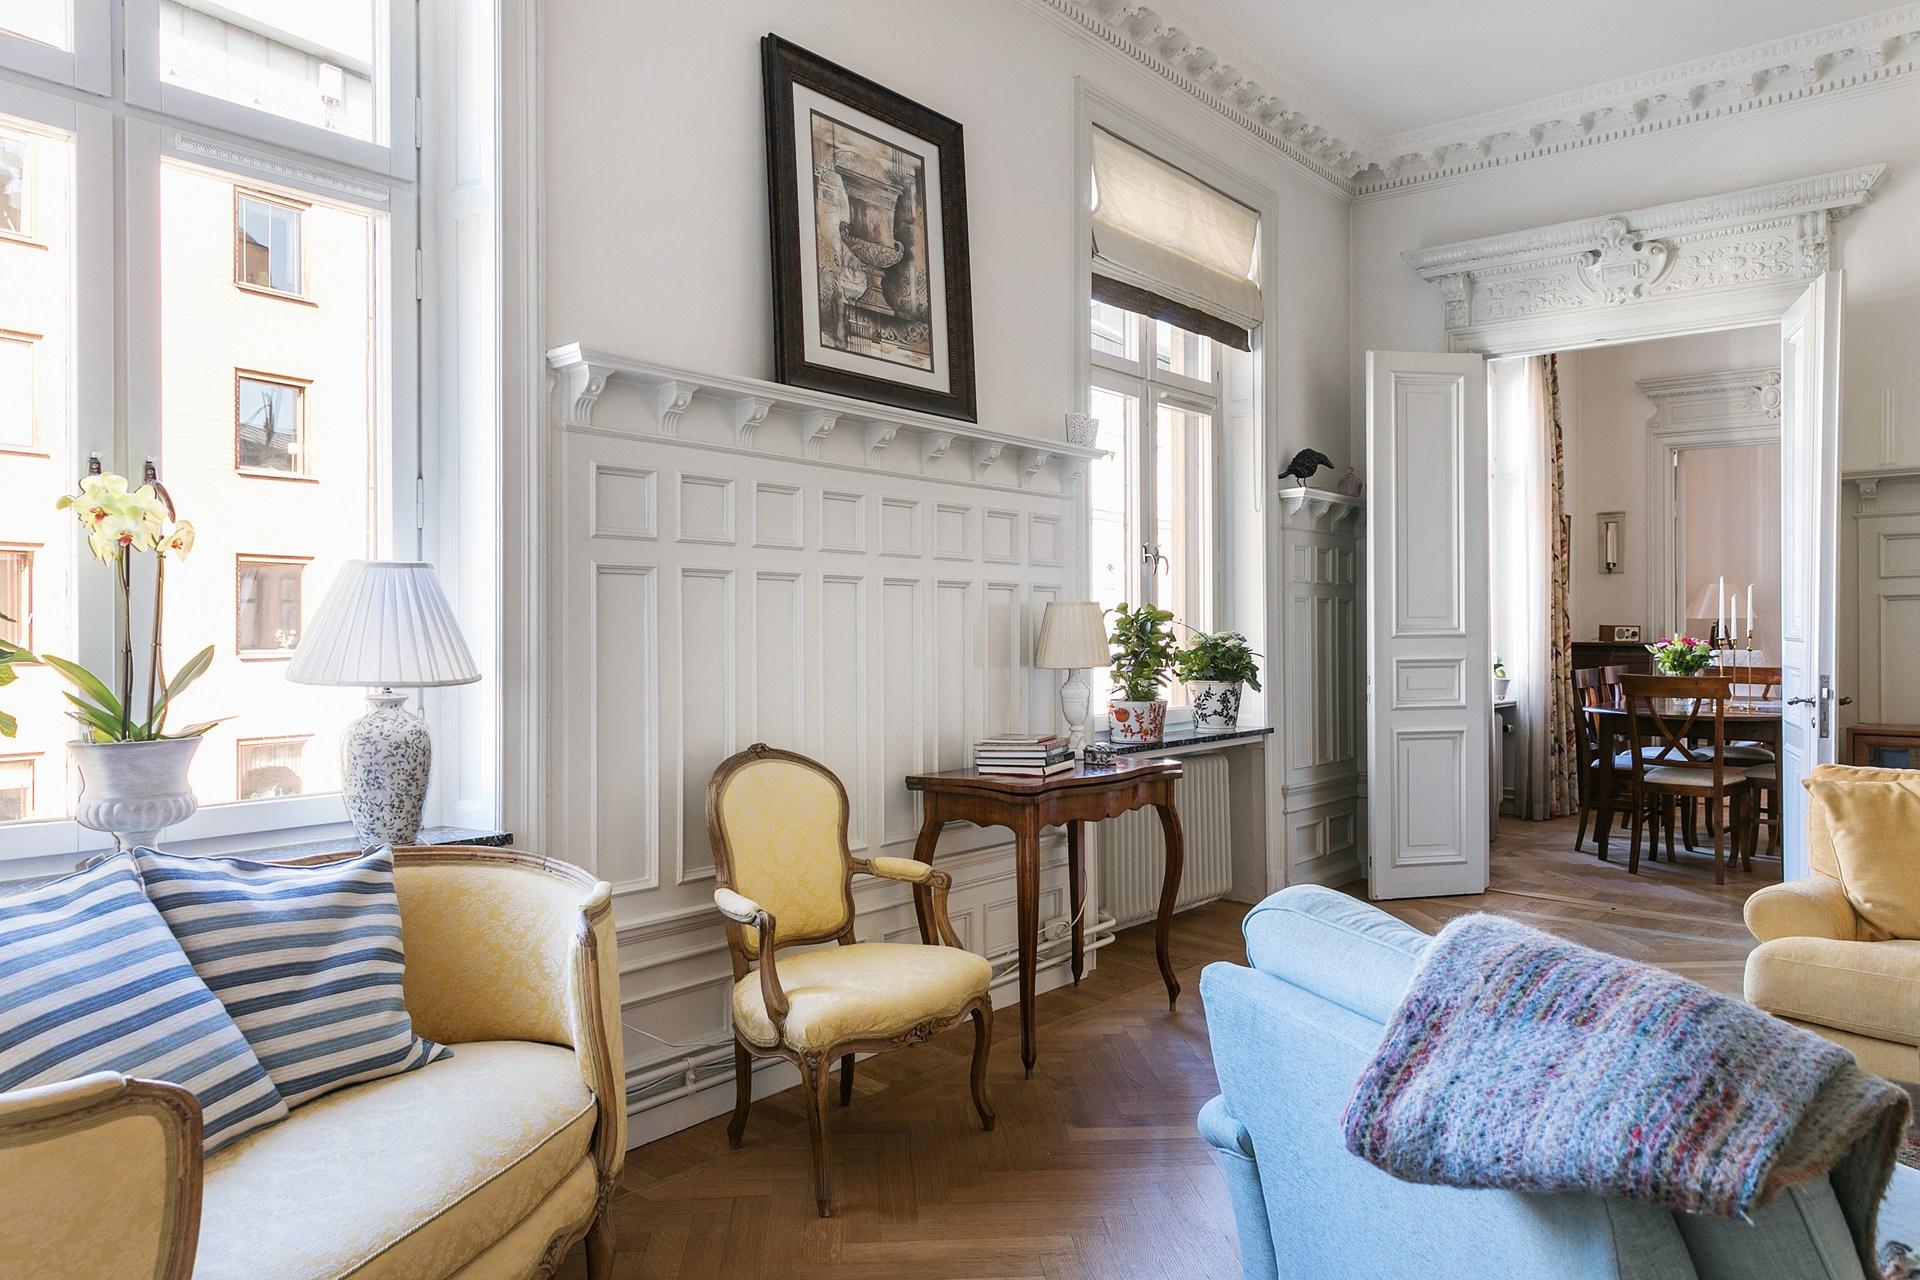 окно наличники стеновые панели лепнина ресло мягкая мебель паркет